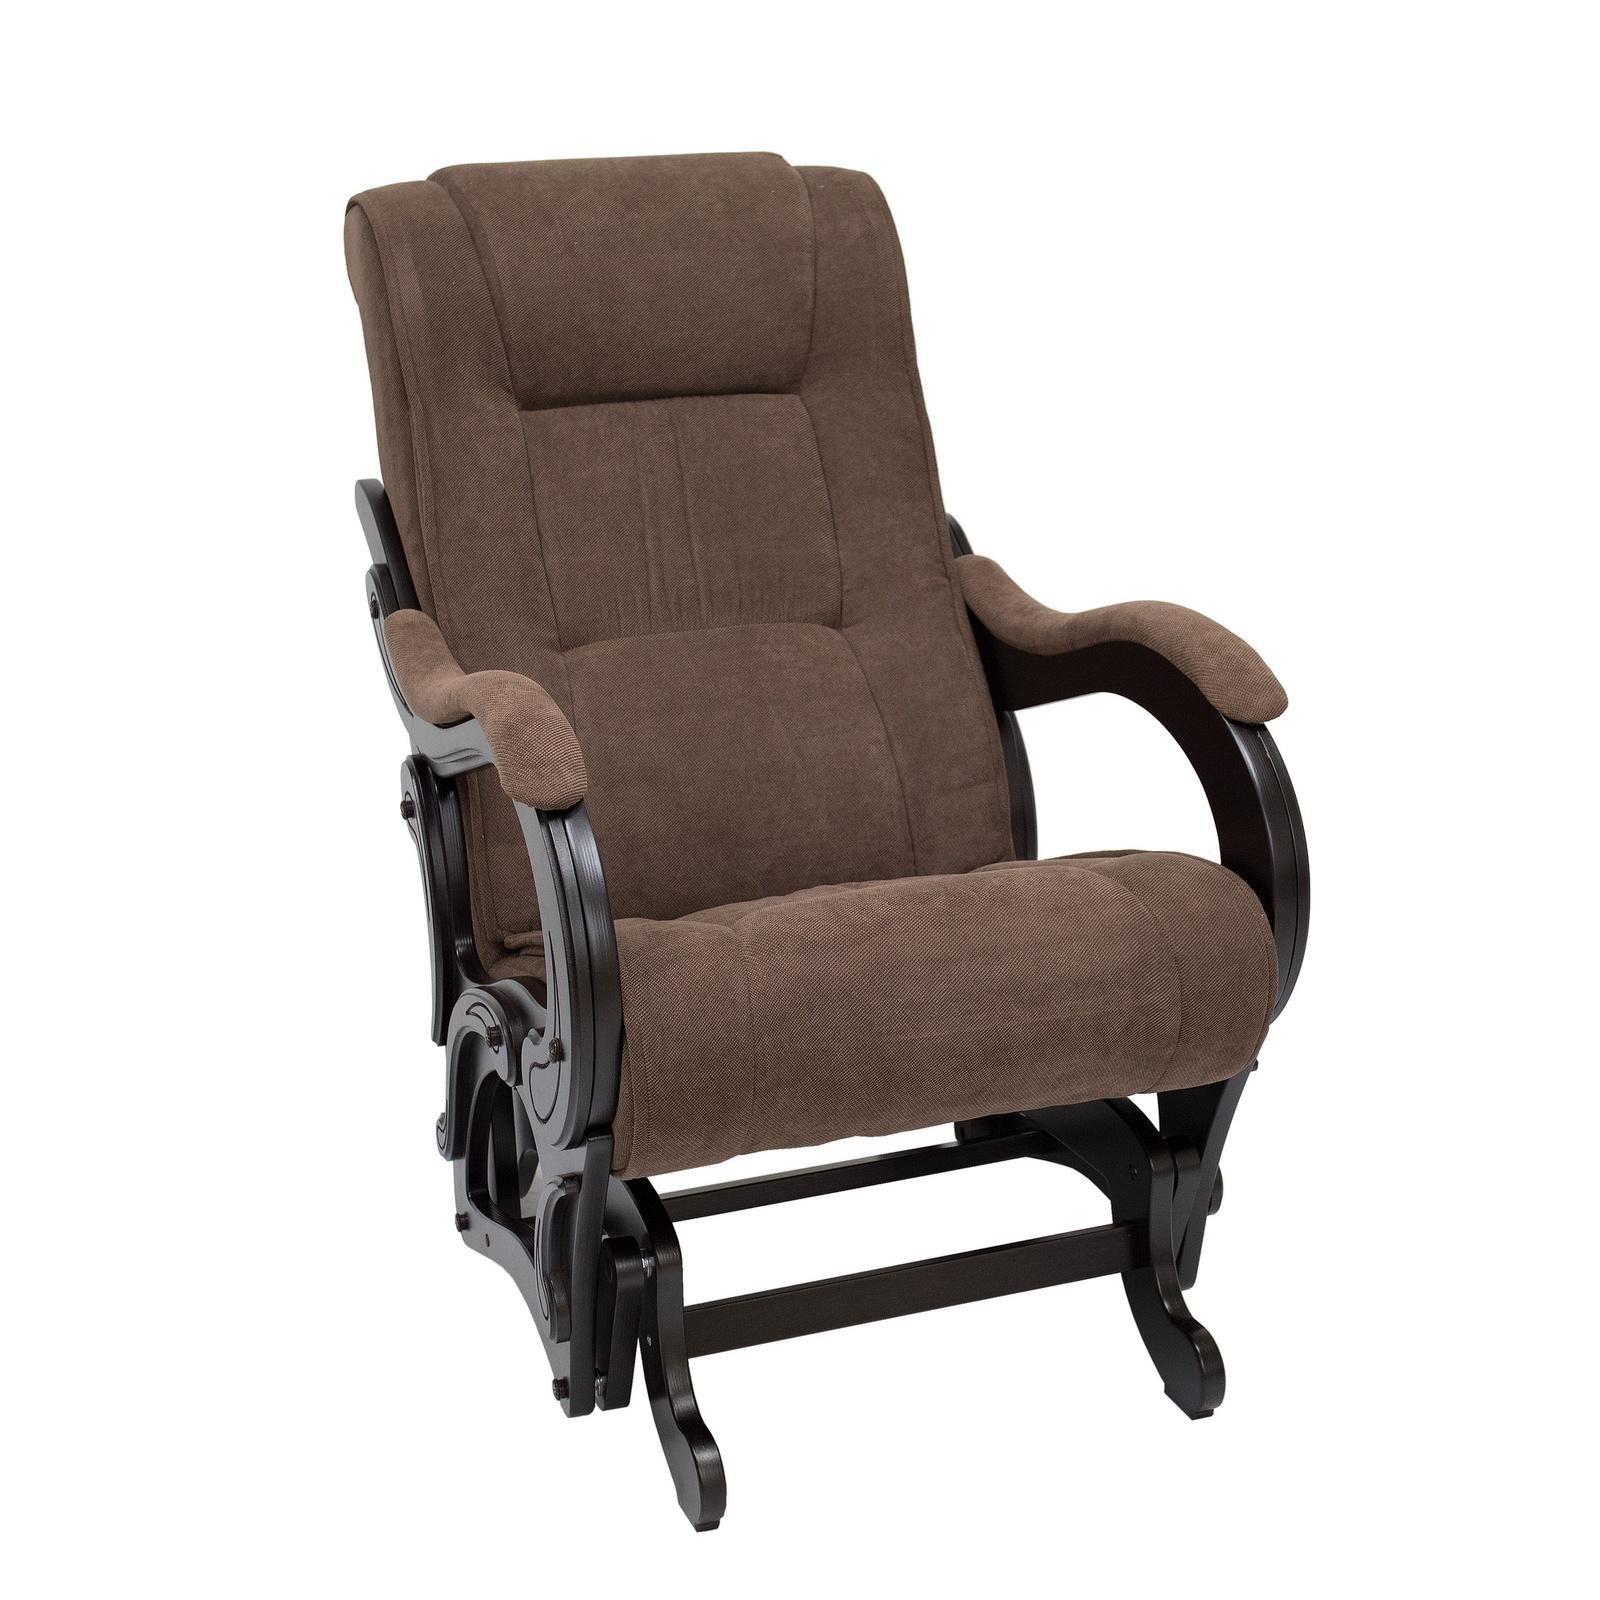 Кресло-качалка Комфорт Модель 78, коричневый